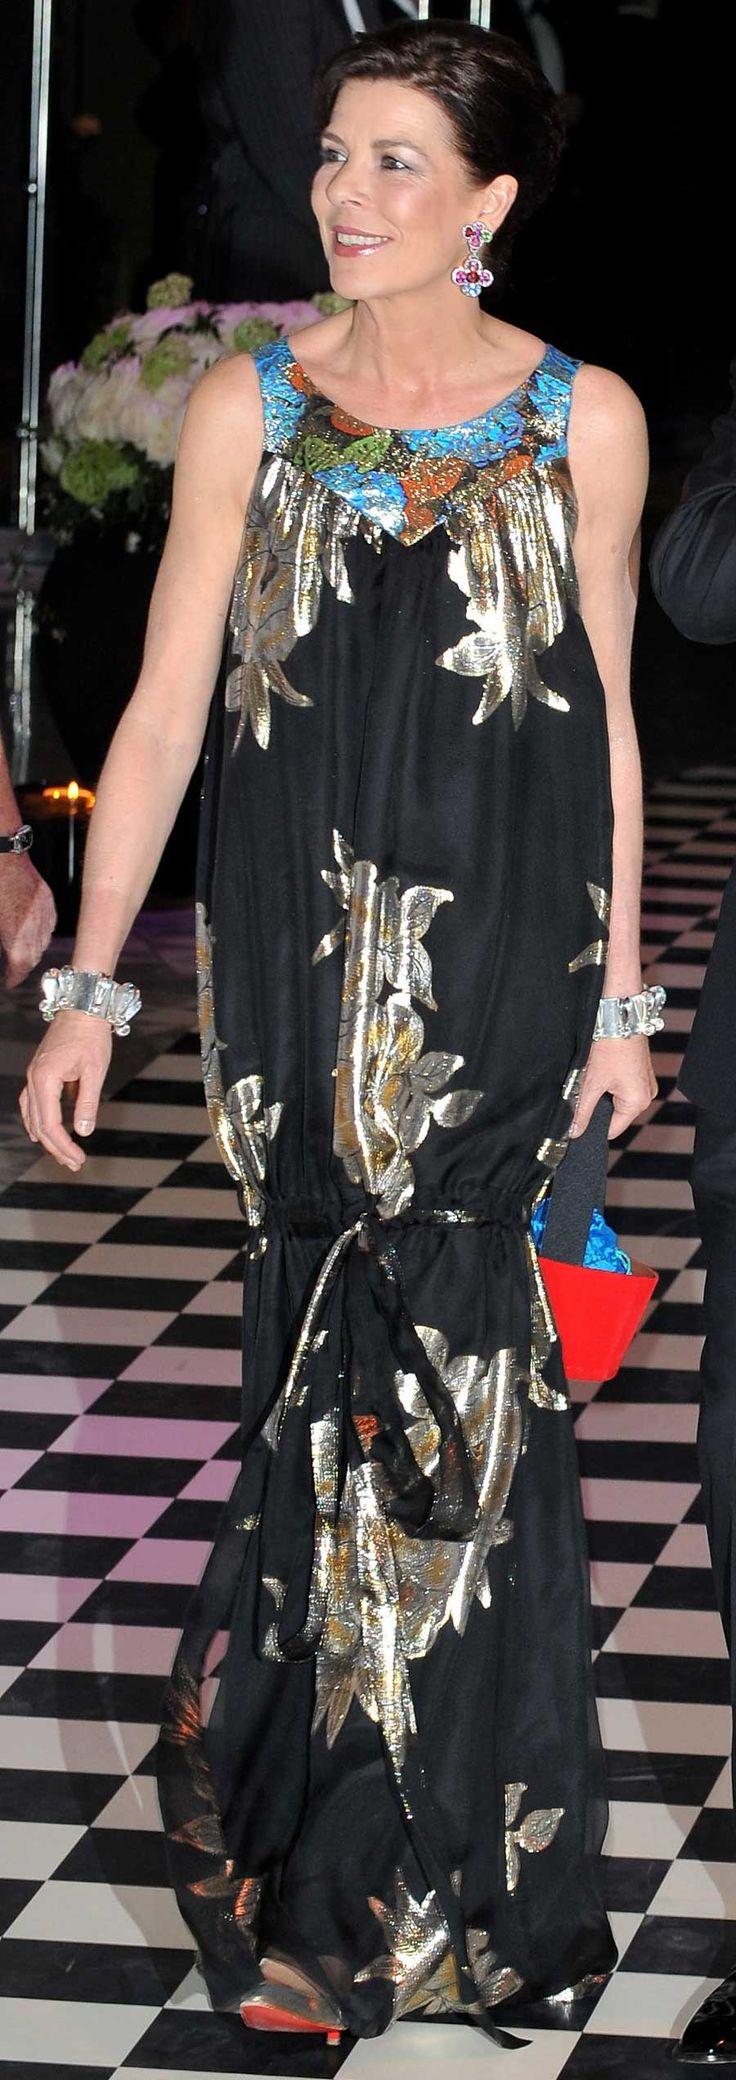 Bal de la Rose 2010, la princesse Caroline a fait confiance à un créateur africain pour sa robe de soirée.